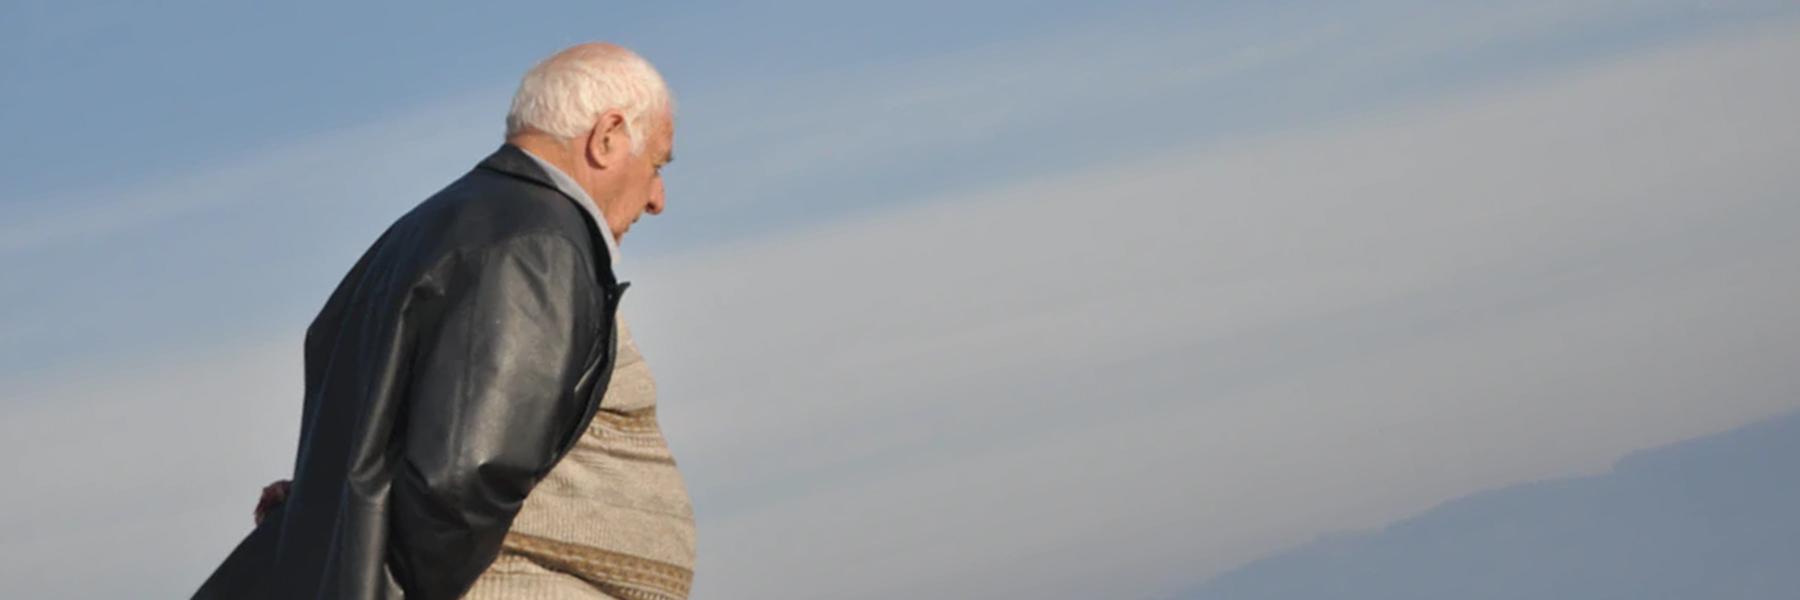 Las pensiones de la Seguridad Social